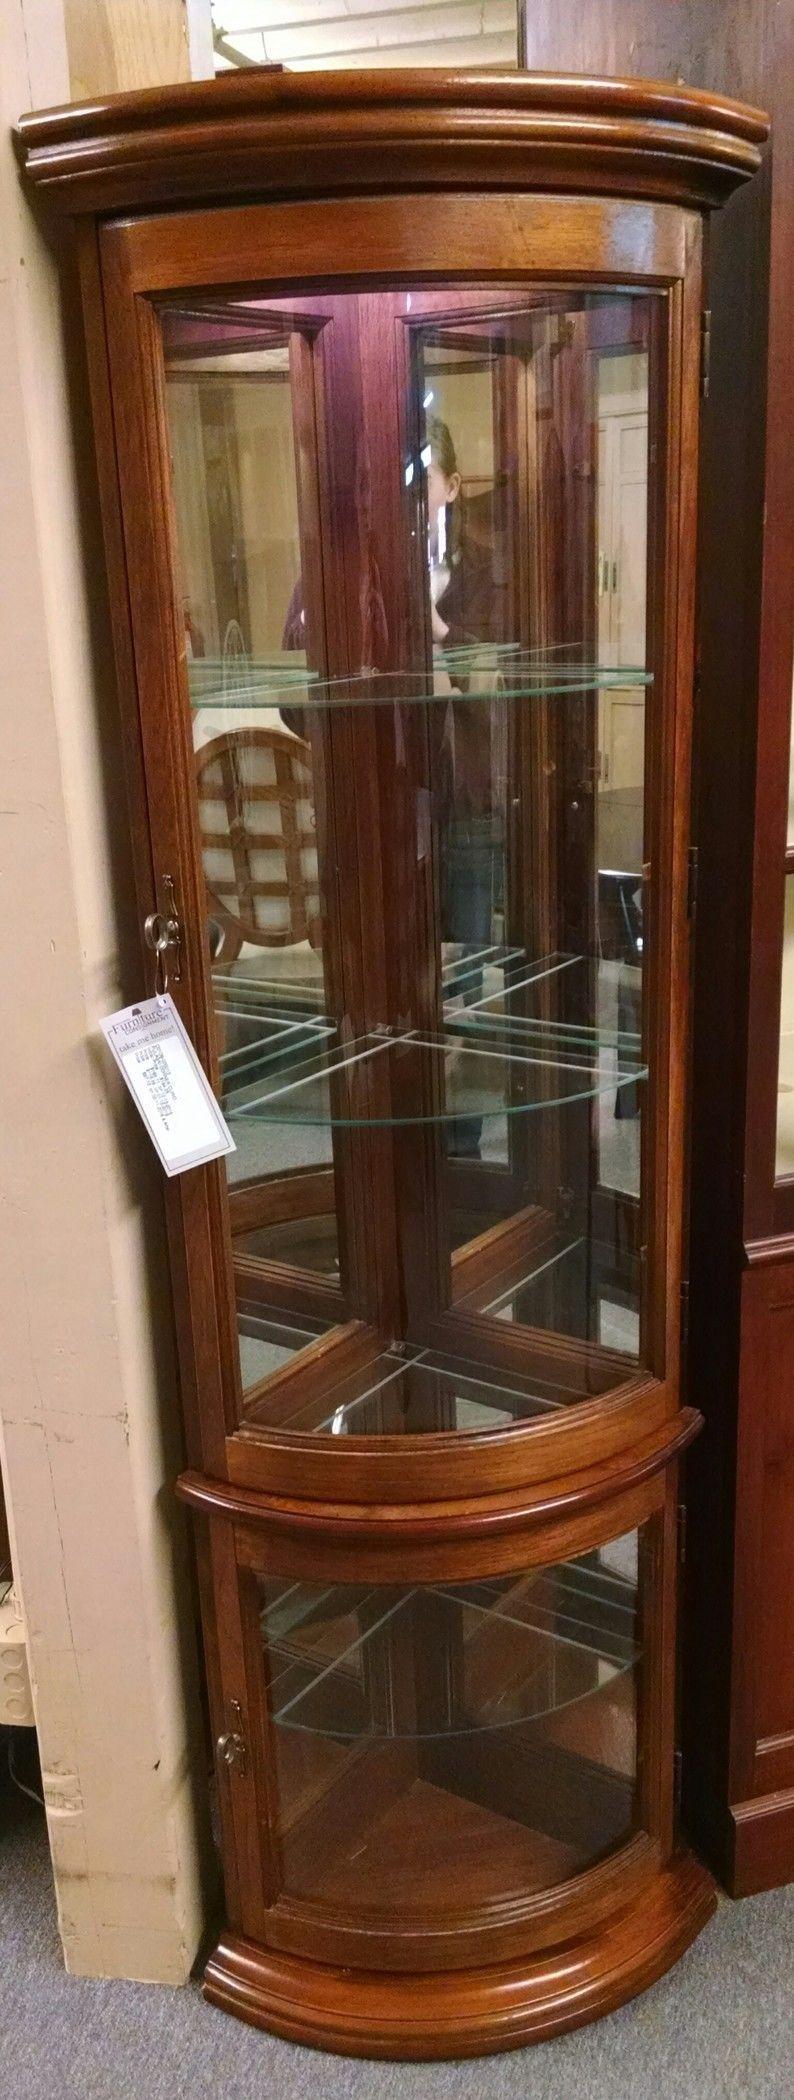 Pulaski Corner Curio Delmarva Furniture Consignment